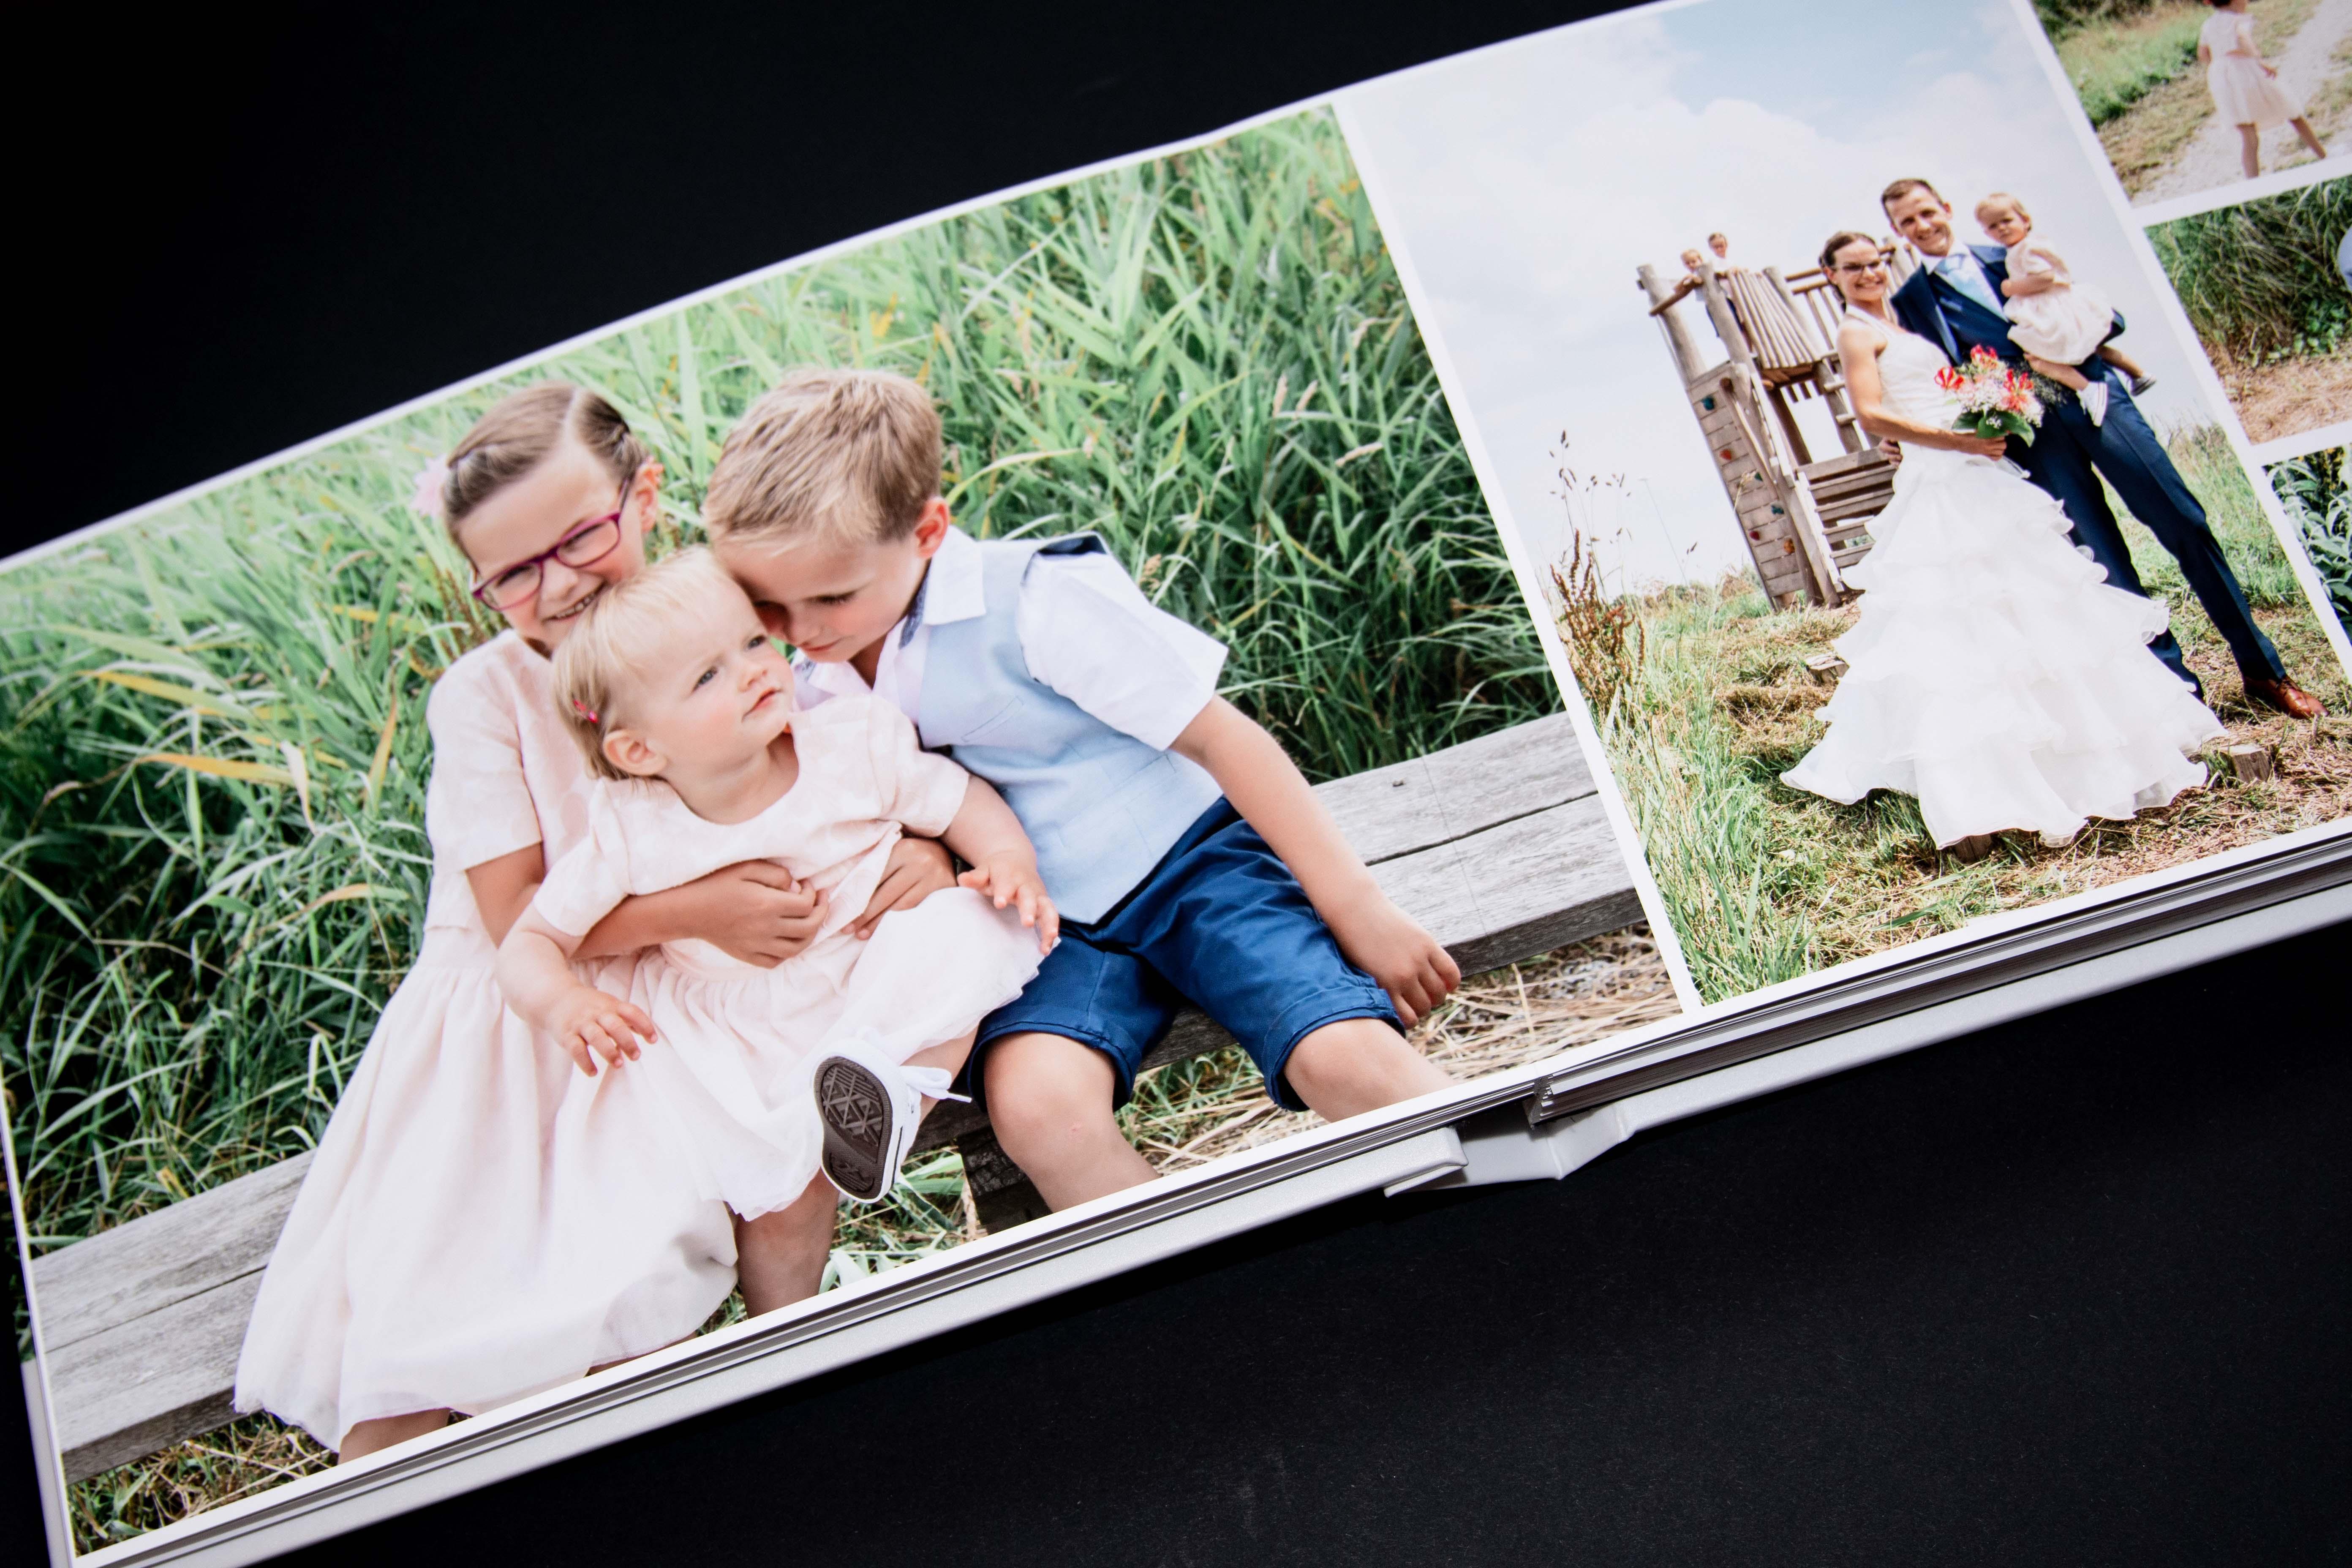 JOLIE MEDIA Bruiloft huwelijk trouwen Trouwalbum foto